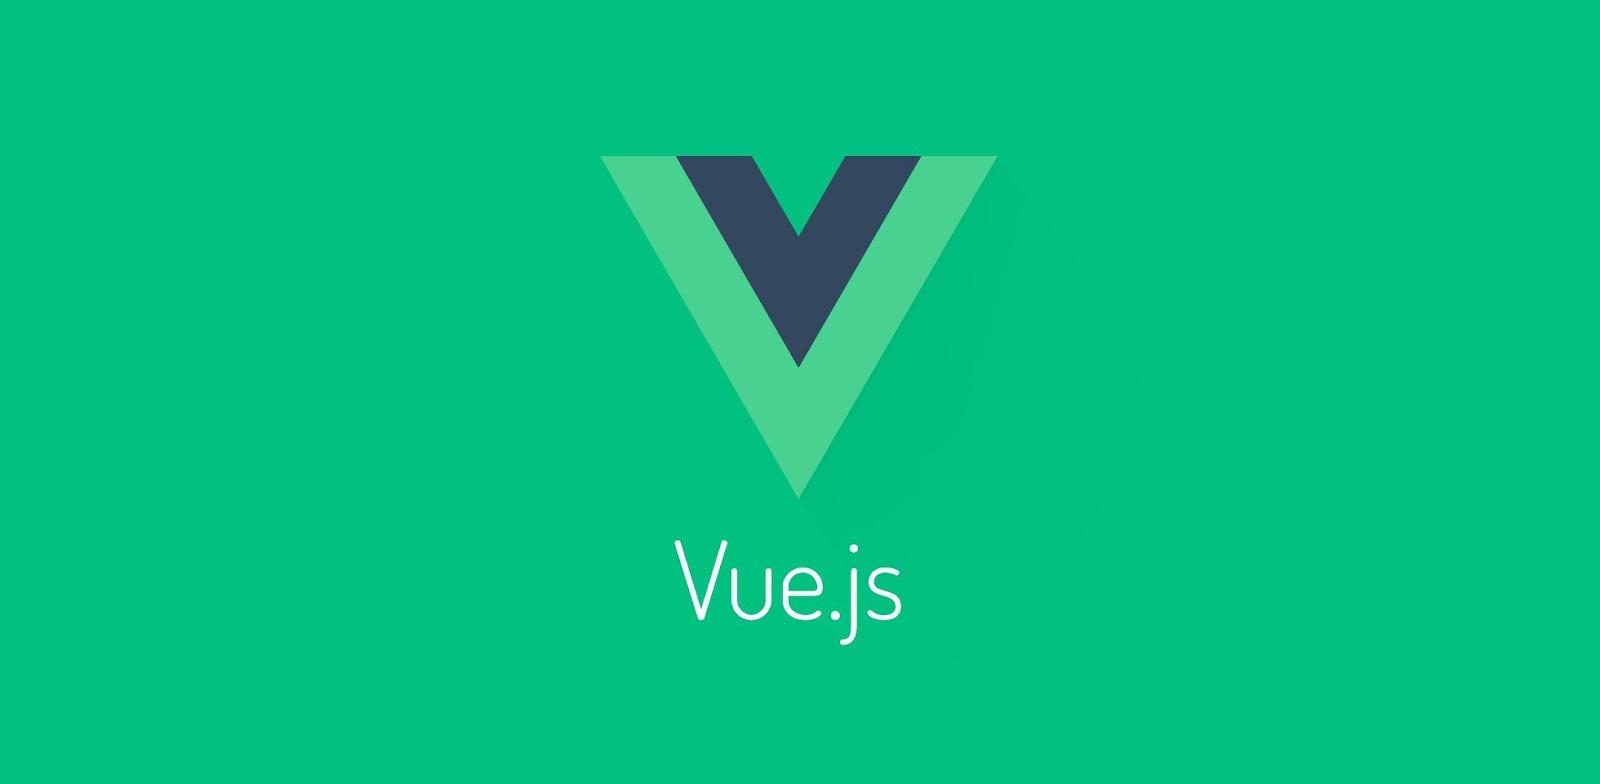 Vuejs logo